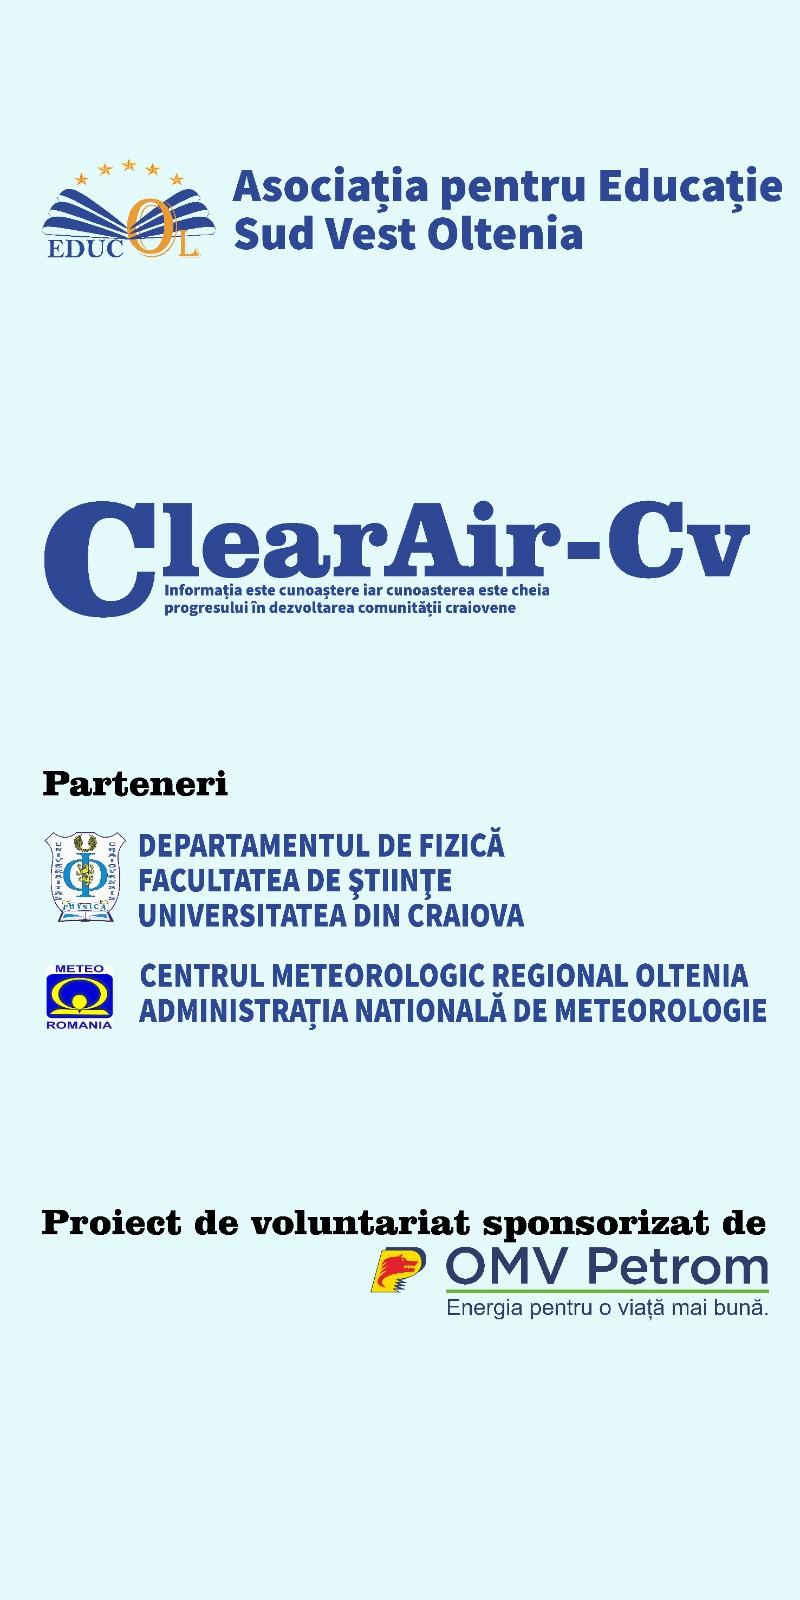 ClearAir-Cv rollup